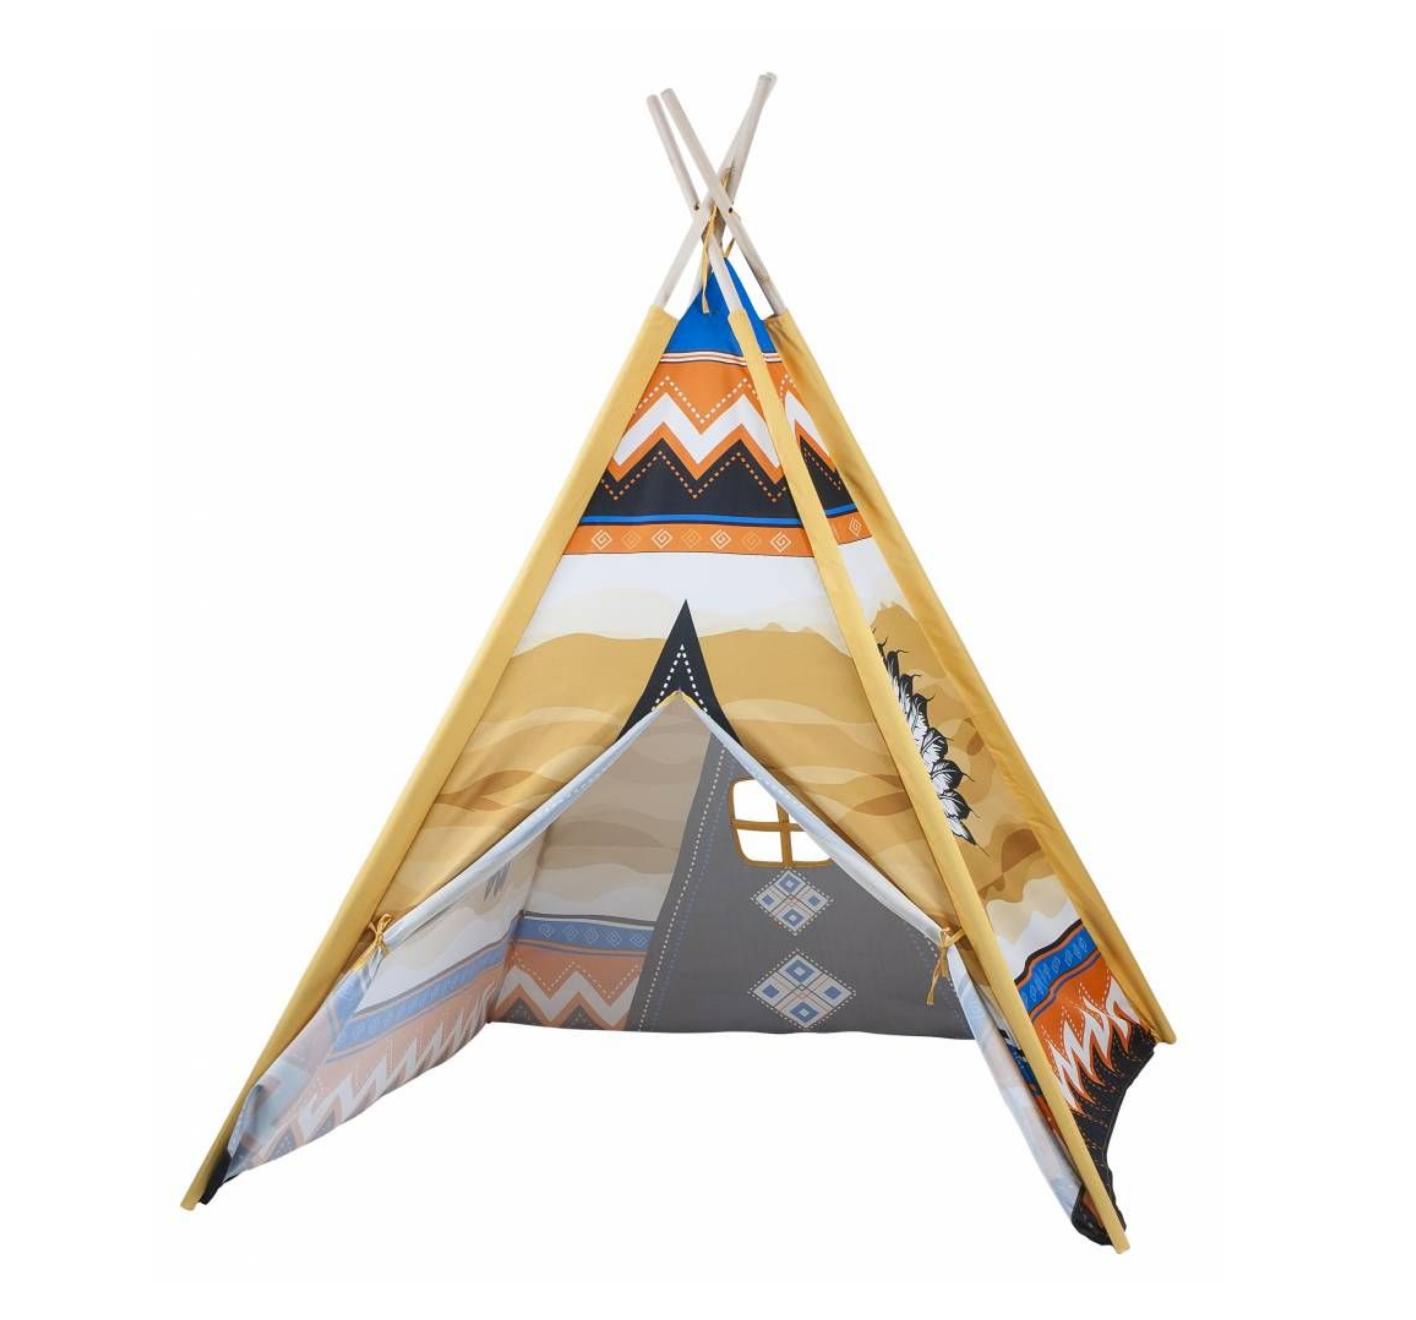 Tent - Indianentent met houten stokken - 130x95x95cm